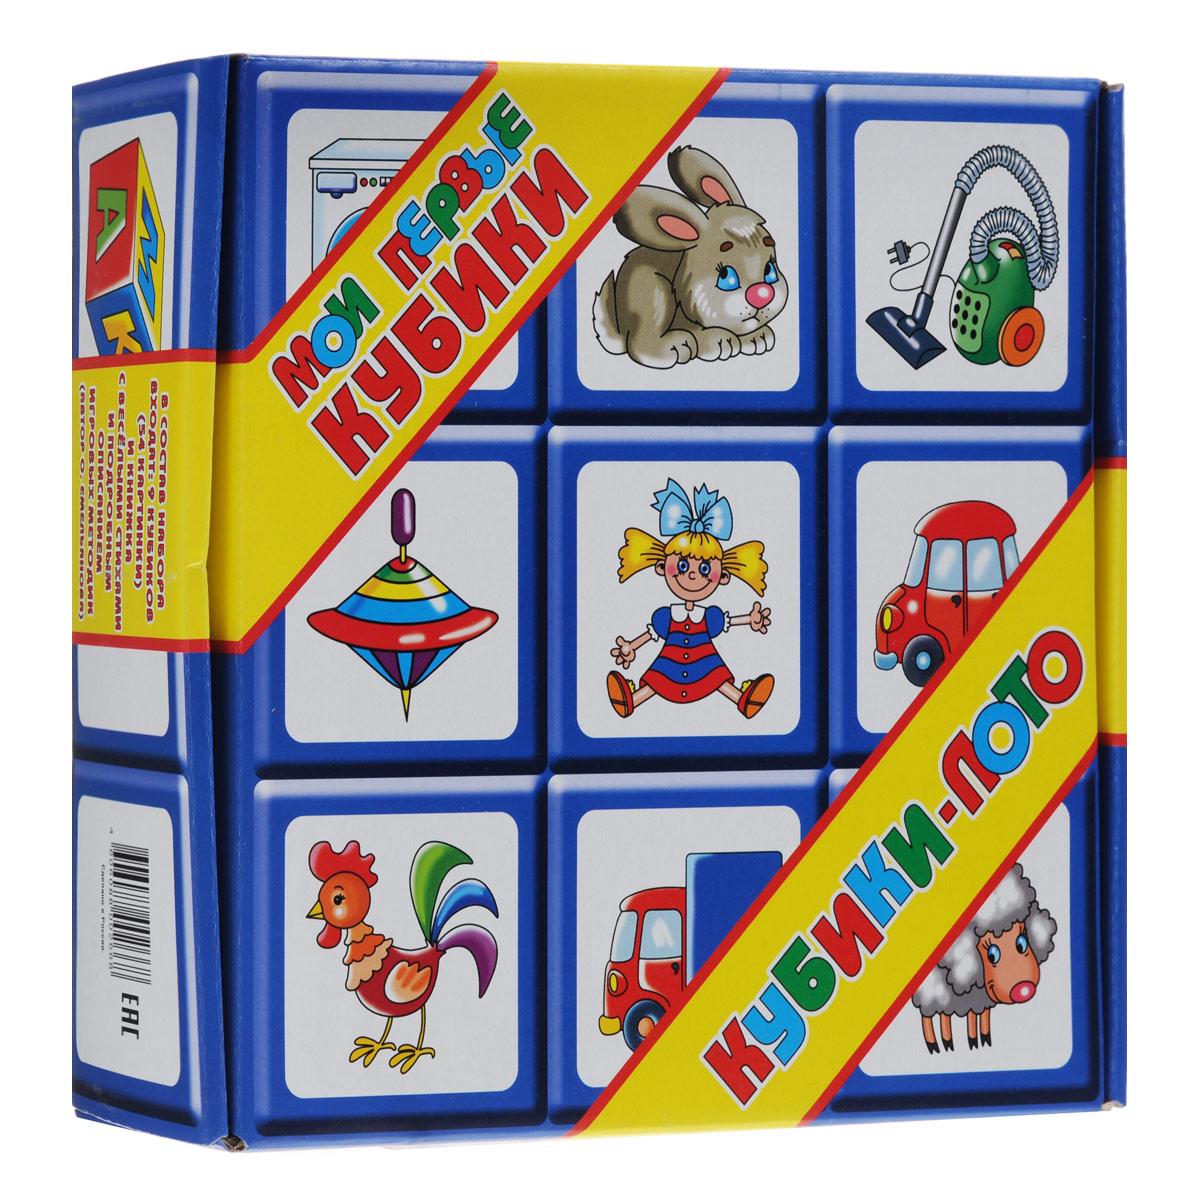 Набор кубиков Лото, с книжкой, 9 шт00266Такого необычного детского лото для самых маленьких вы еще не видели! На 9 больших выдувных кубиках наклеены простые понятные рисунки из 6 разных категорий: домашние и дикие животные, овощи, игрушки, электроприборы и транспортные средства. Играя, малыши познакомятся с обобщающими словами и научатся объединять предметы и героев в группы, а также узнают много нового и интересного об окружающем мире, потренируют память и произвольное внимание. В состав набора входит книжка с методикой занятий, правилами игр, а также с веселыми стихами, потешками и загадками про все картинки набора. Игровой набор Кубики-лото предназначен для детей от двух до шести лет. Кубики имеют закругленные края и полностью безопасны для жизни и здоровья ребенка, играющего без постоянного наблюдения взрослых. Авторская поддержка (Подробное описание, инструкция, фото и все вопросы, связанные с данной игрой). Не забывайте о возможности купить развивающие игры в интернет магазине производителя Десятое...